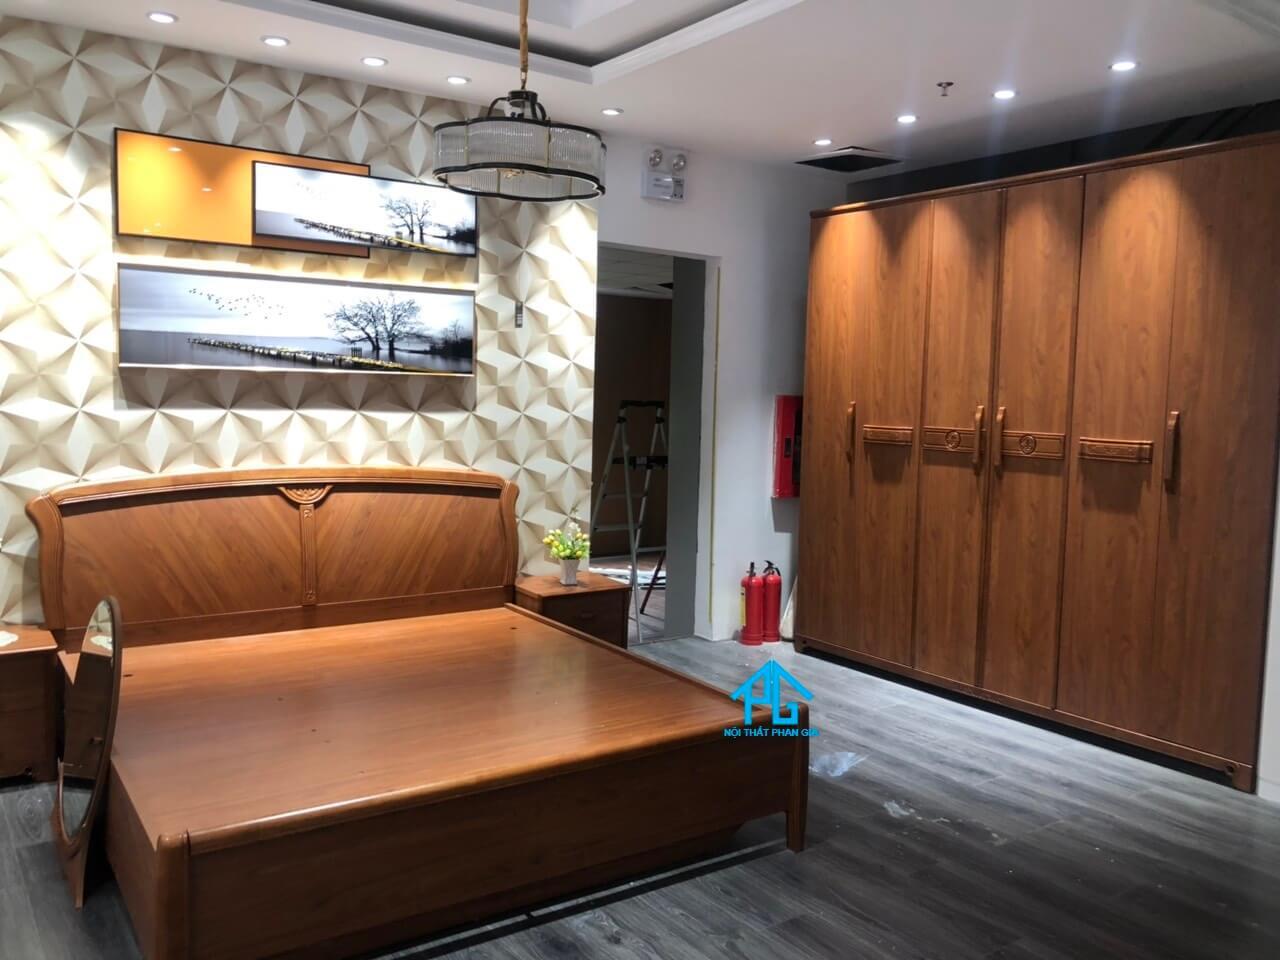 nội thất tiết kiệm Showroom giường tủ giá rẻ Đà Lạt;